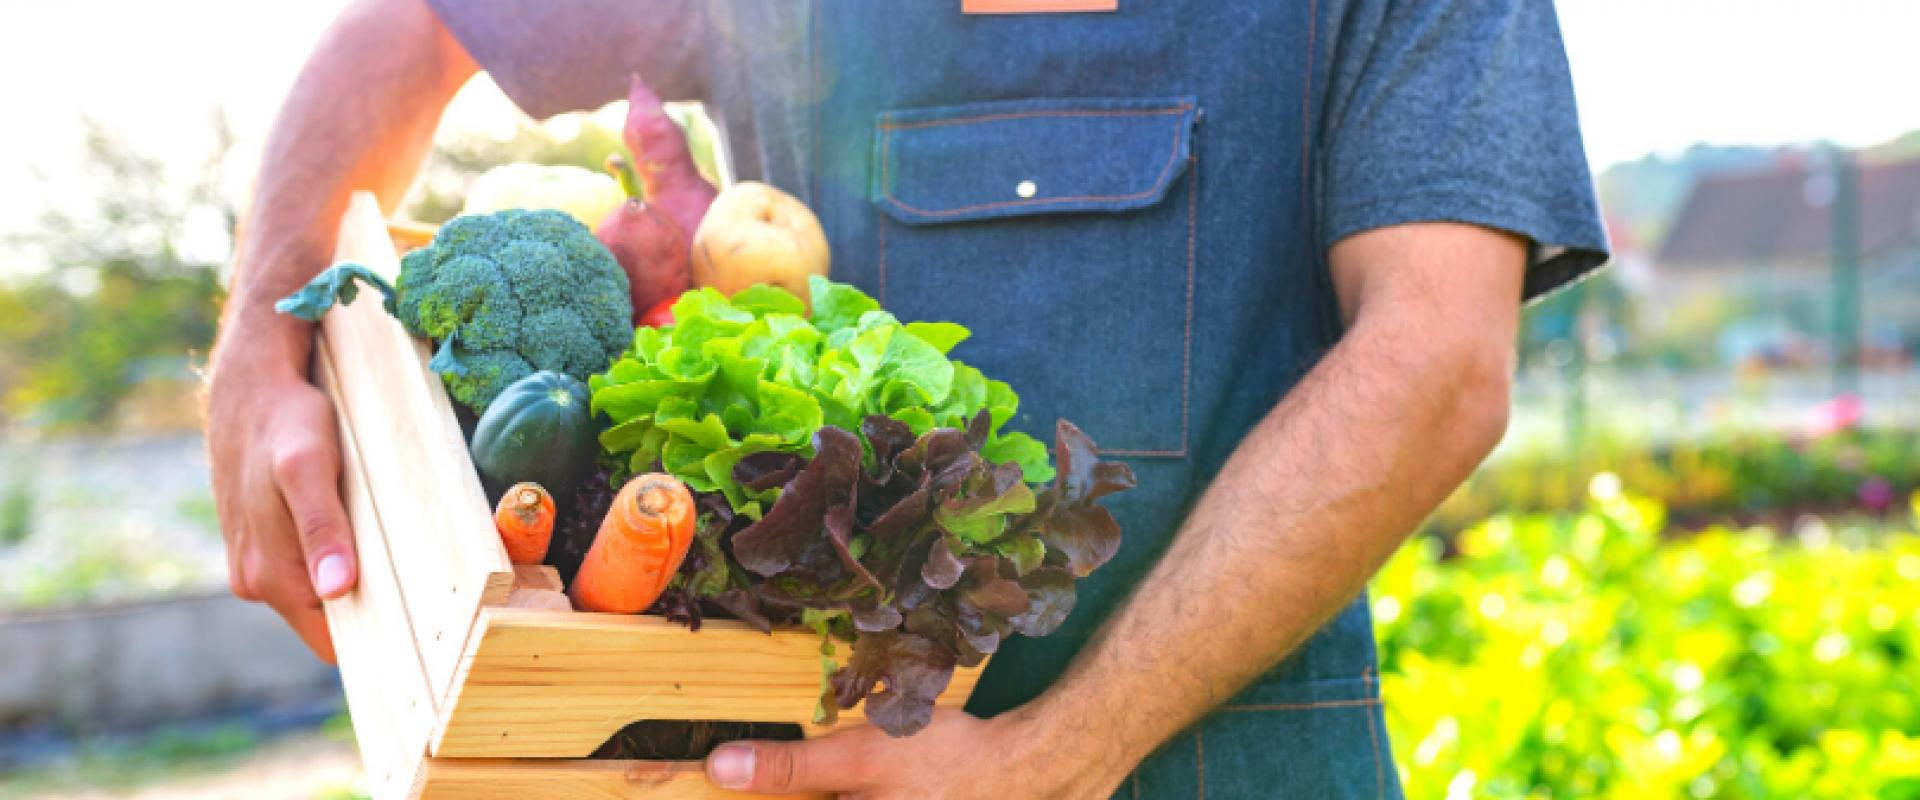 Conheça os principais benefícios de consumir orgânicos